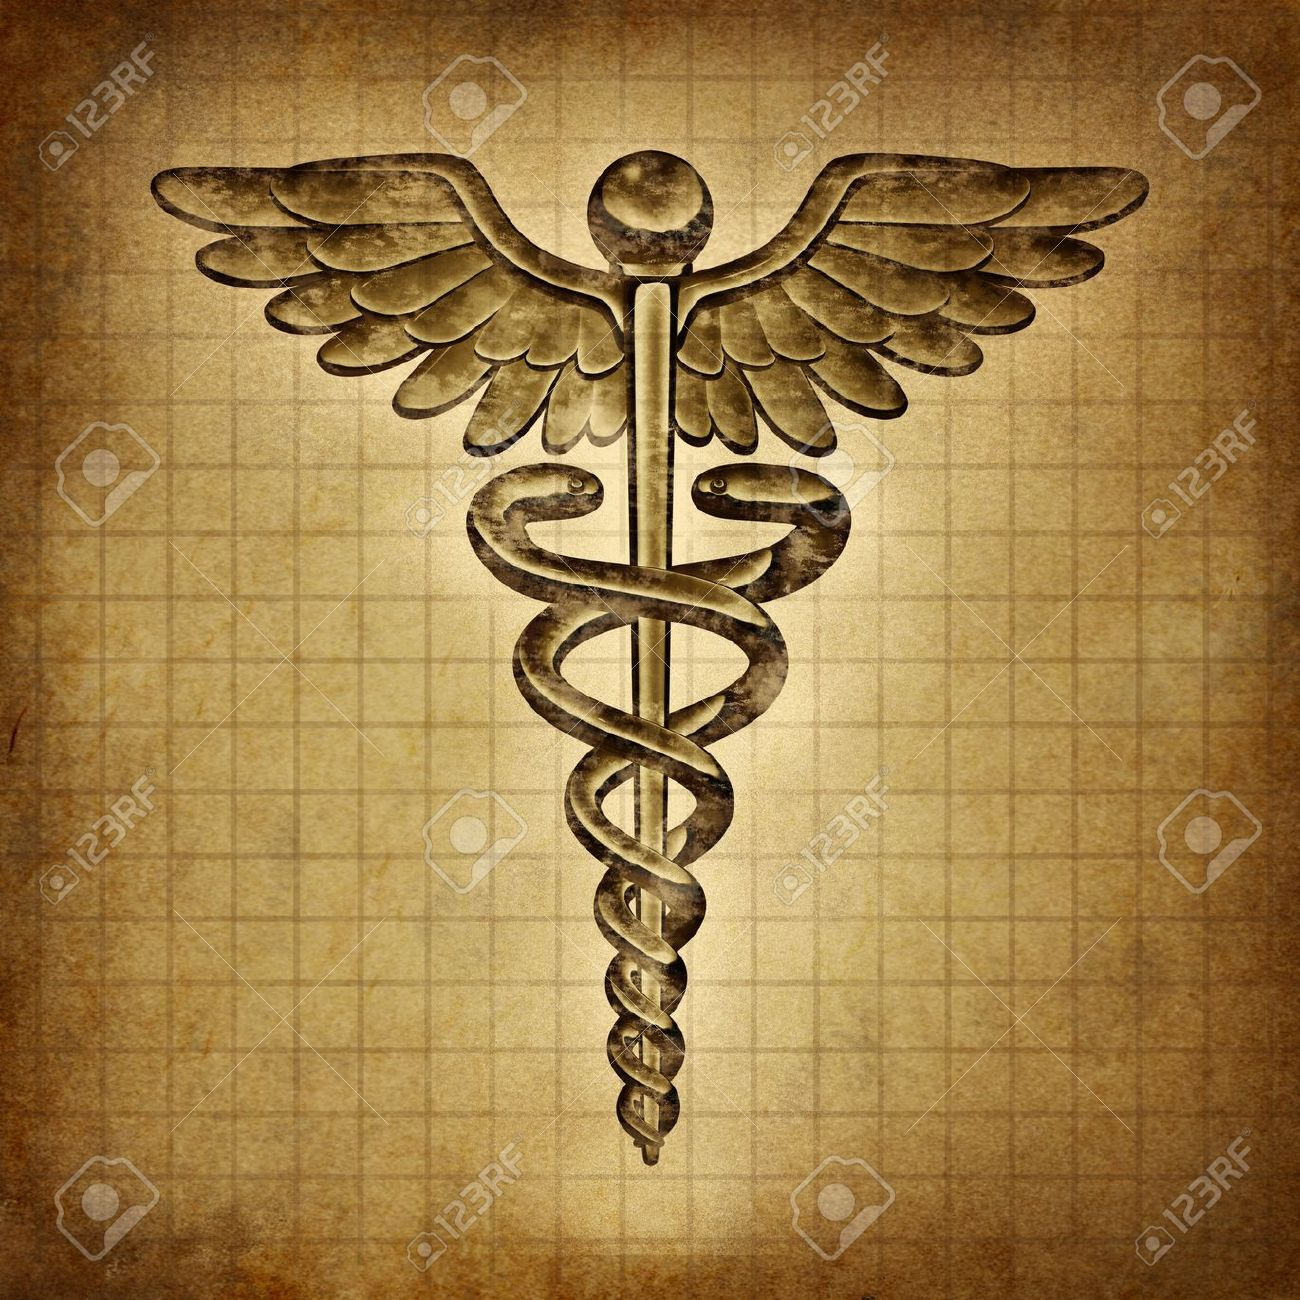 showing post media for vintage health symbol symbolsnet com vintage health symbol caduceus on an old grunge parchment document as a vintage medical symbol